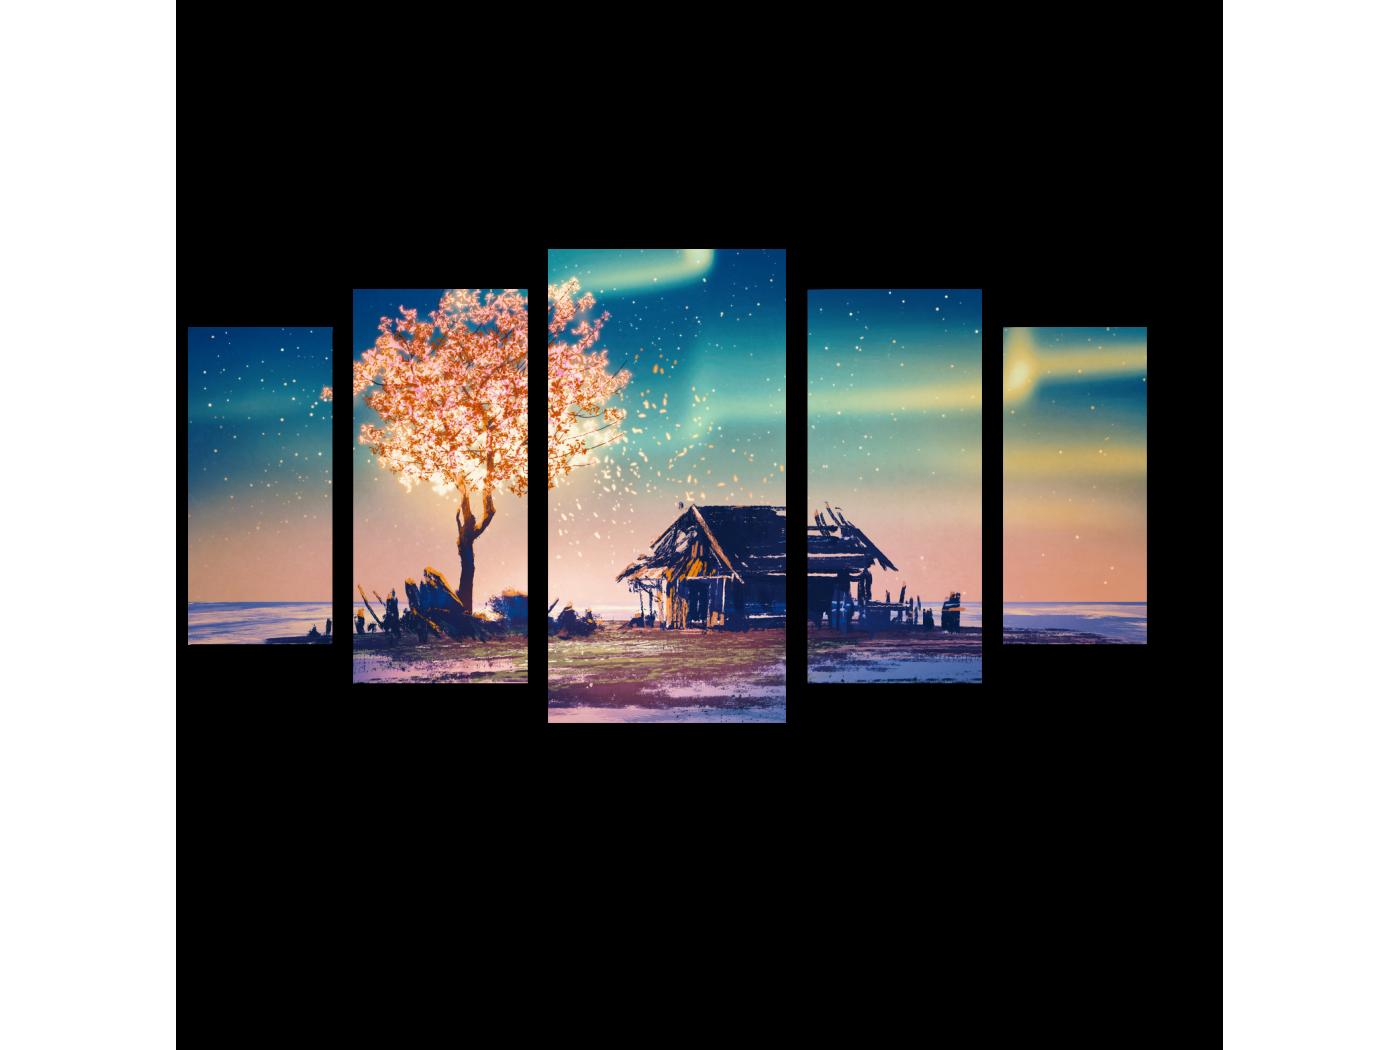 Модульная картина Северное сияние над заброшенным домом, иллюстрация (100x55) фото